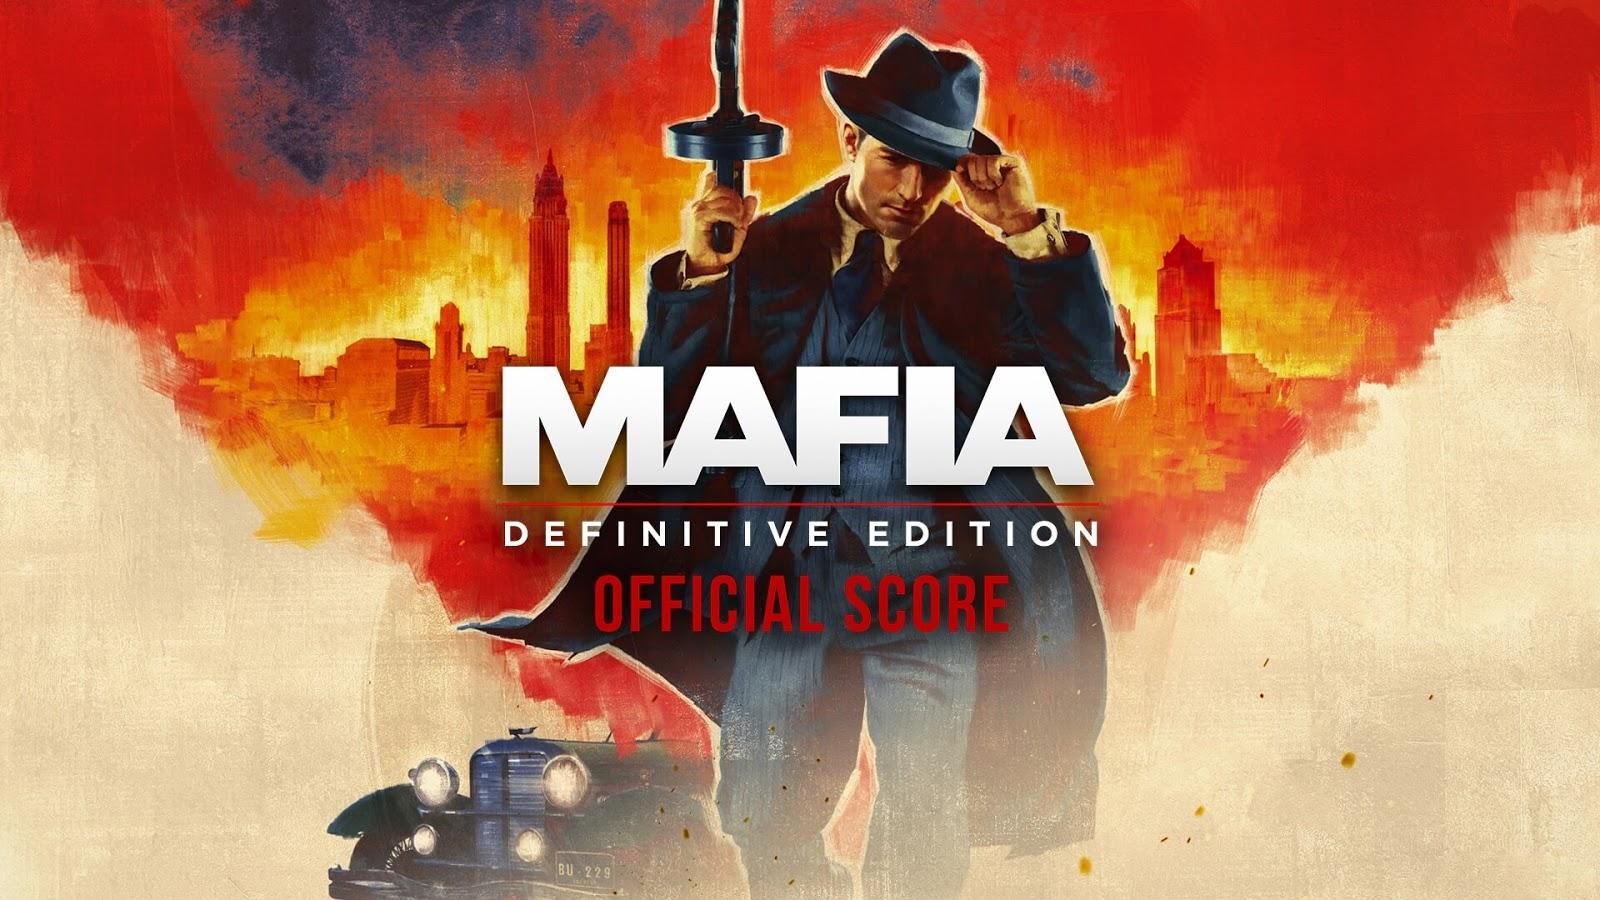 تحميل لعبة الاكشن والشوتر المنتظرة Mafia Definitive Edition نسخة ريباك مضغوطة بجميع الاضافات والتحديثات بحجم 11 جيجا + التورنت